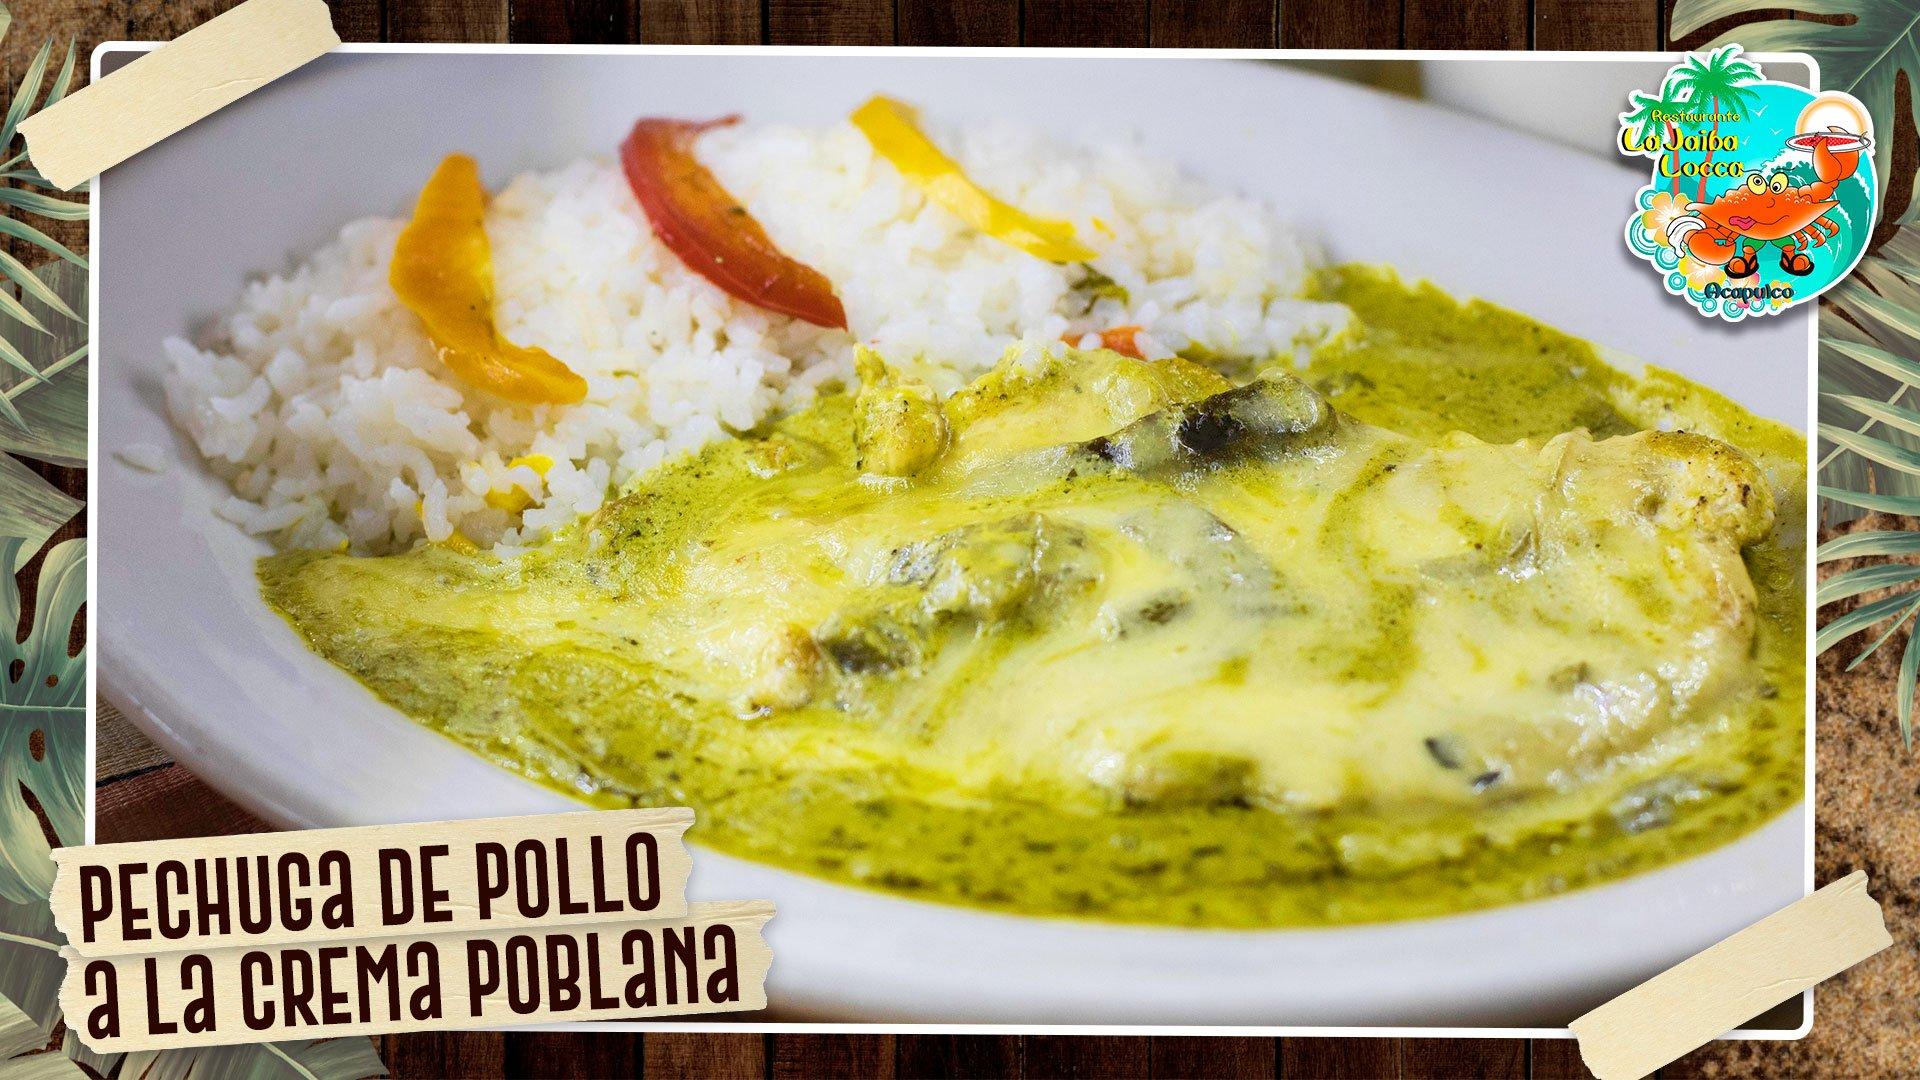 https://0201.nccdn.net/1_2/000/000/0e3/08b/50.-pechuga-de-pollo-a-la-crema-poblana..jpg